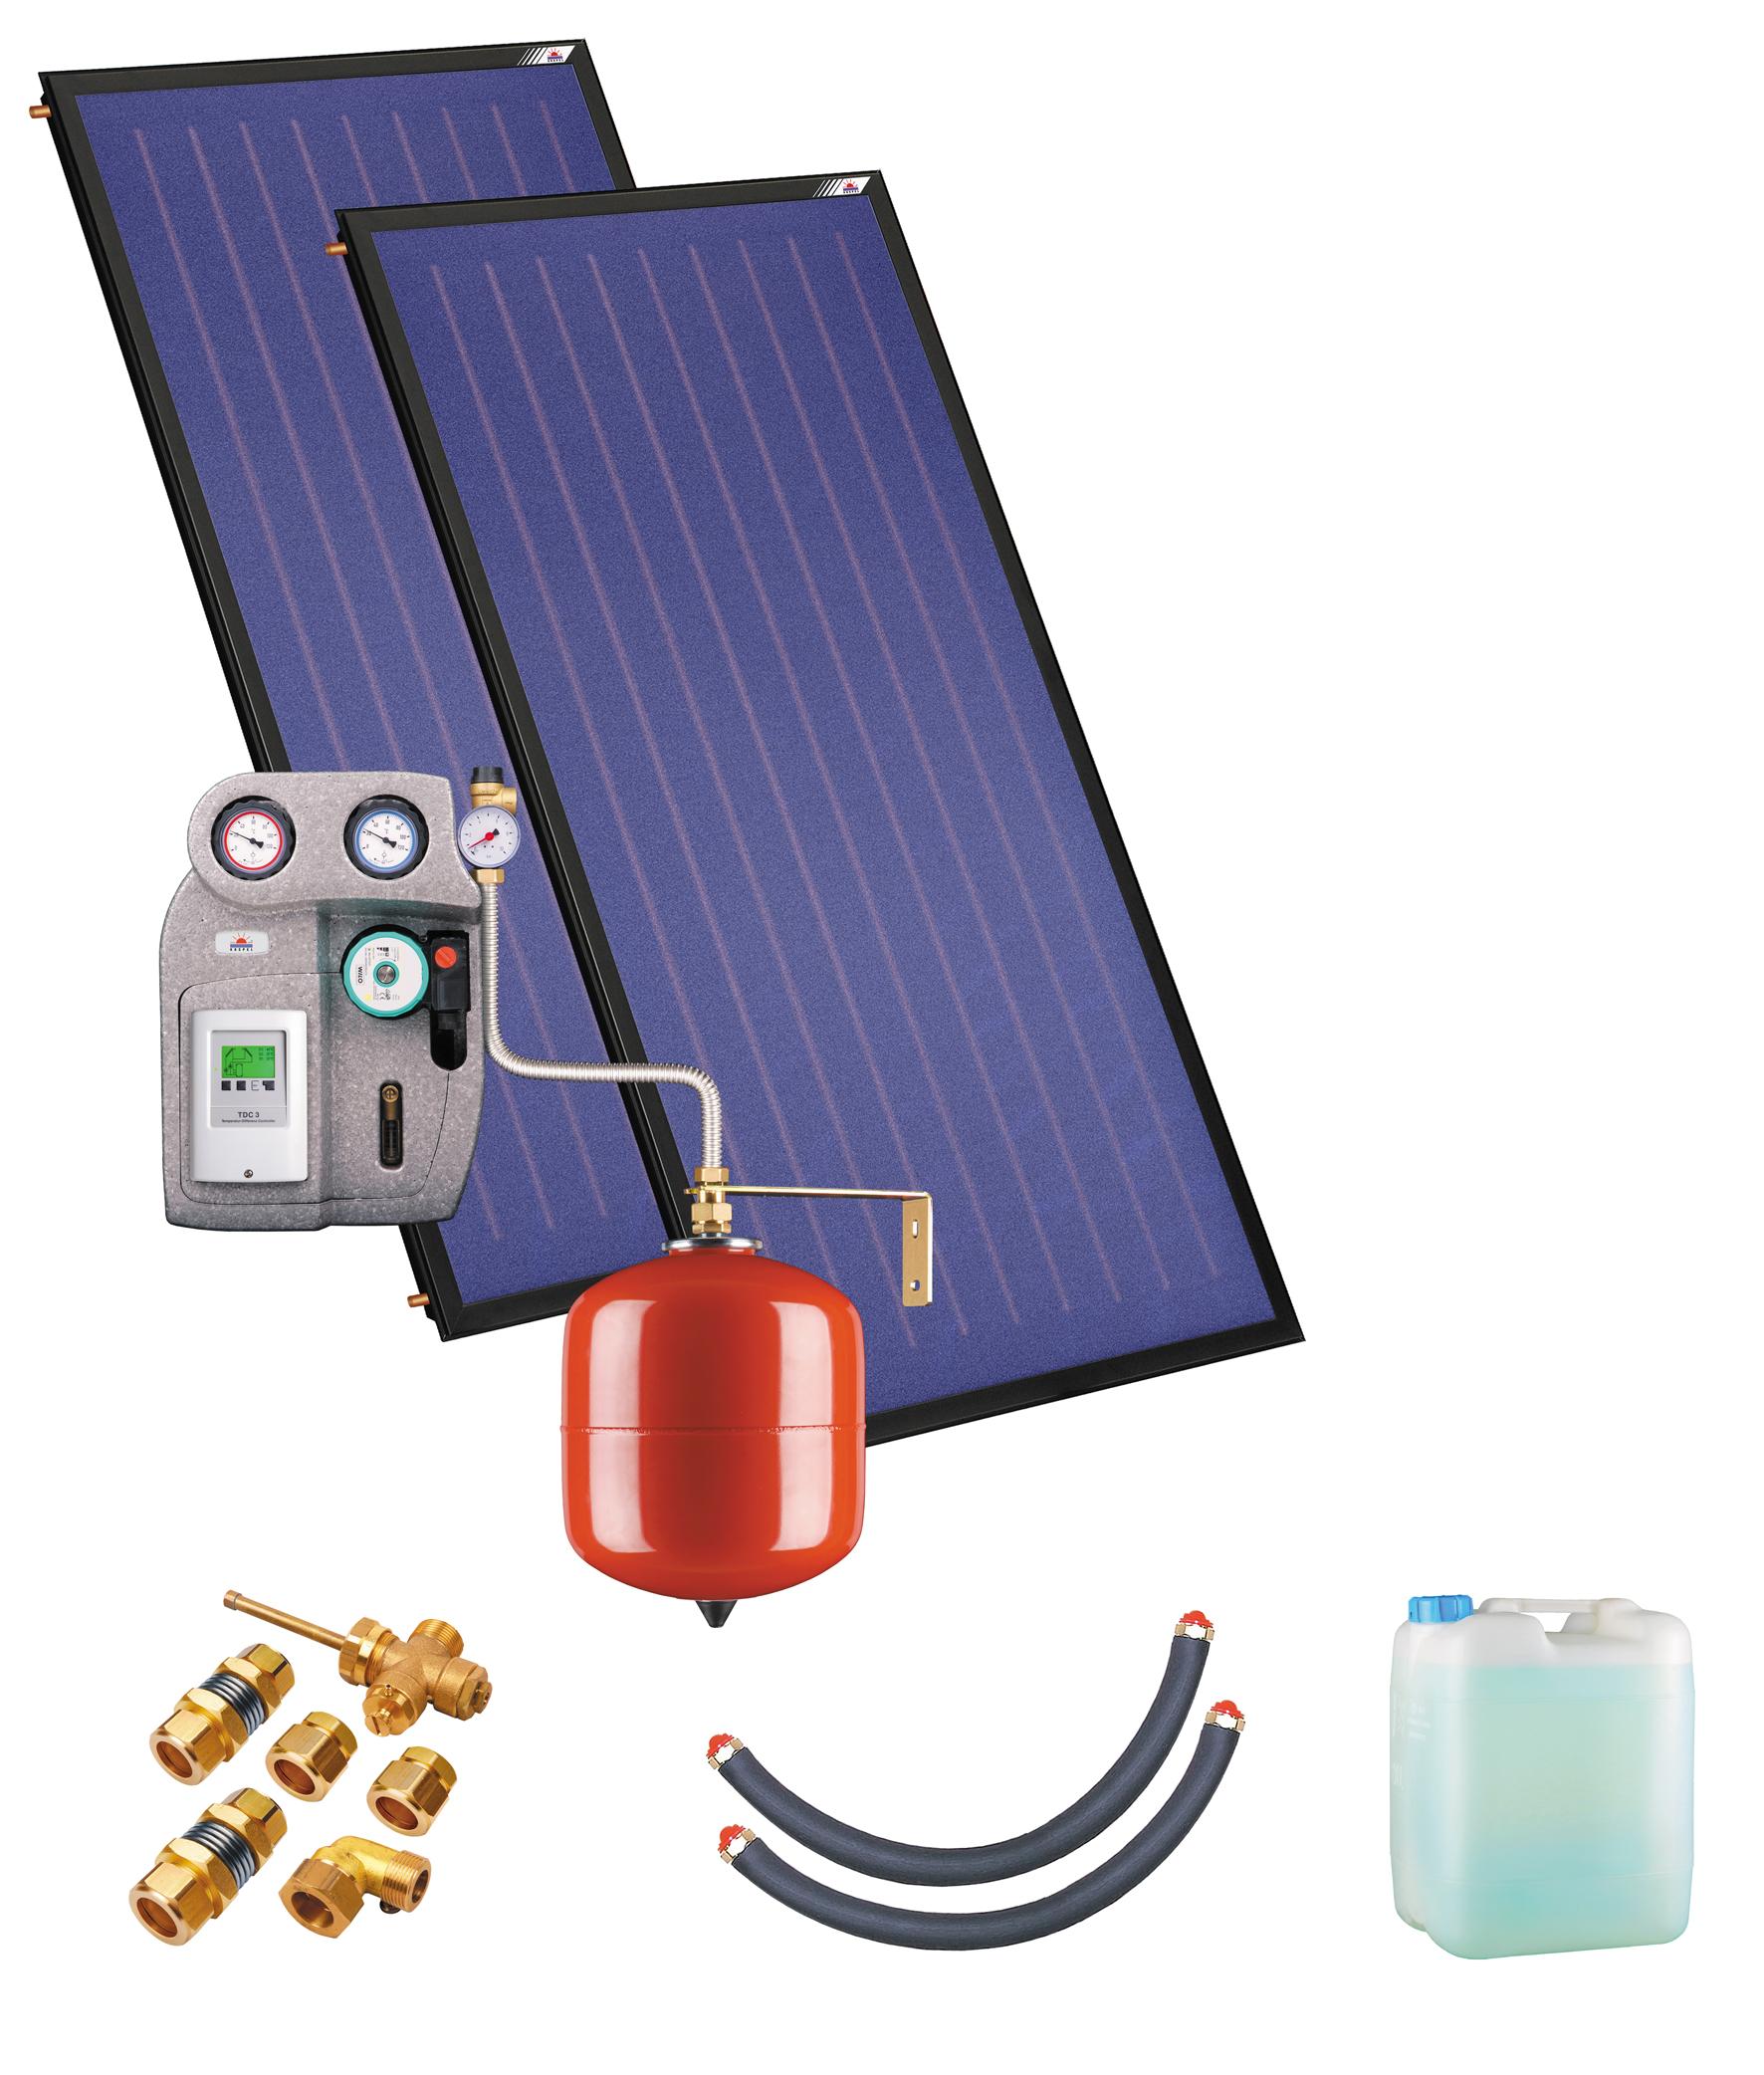 Kospel Solaranlage ohne Speicher ZSH-2 duoSol Plus 201432